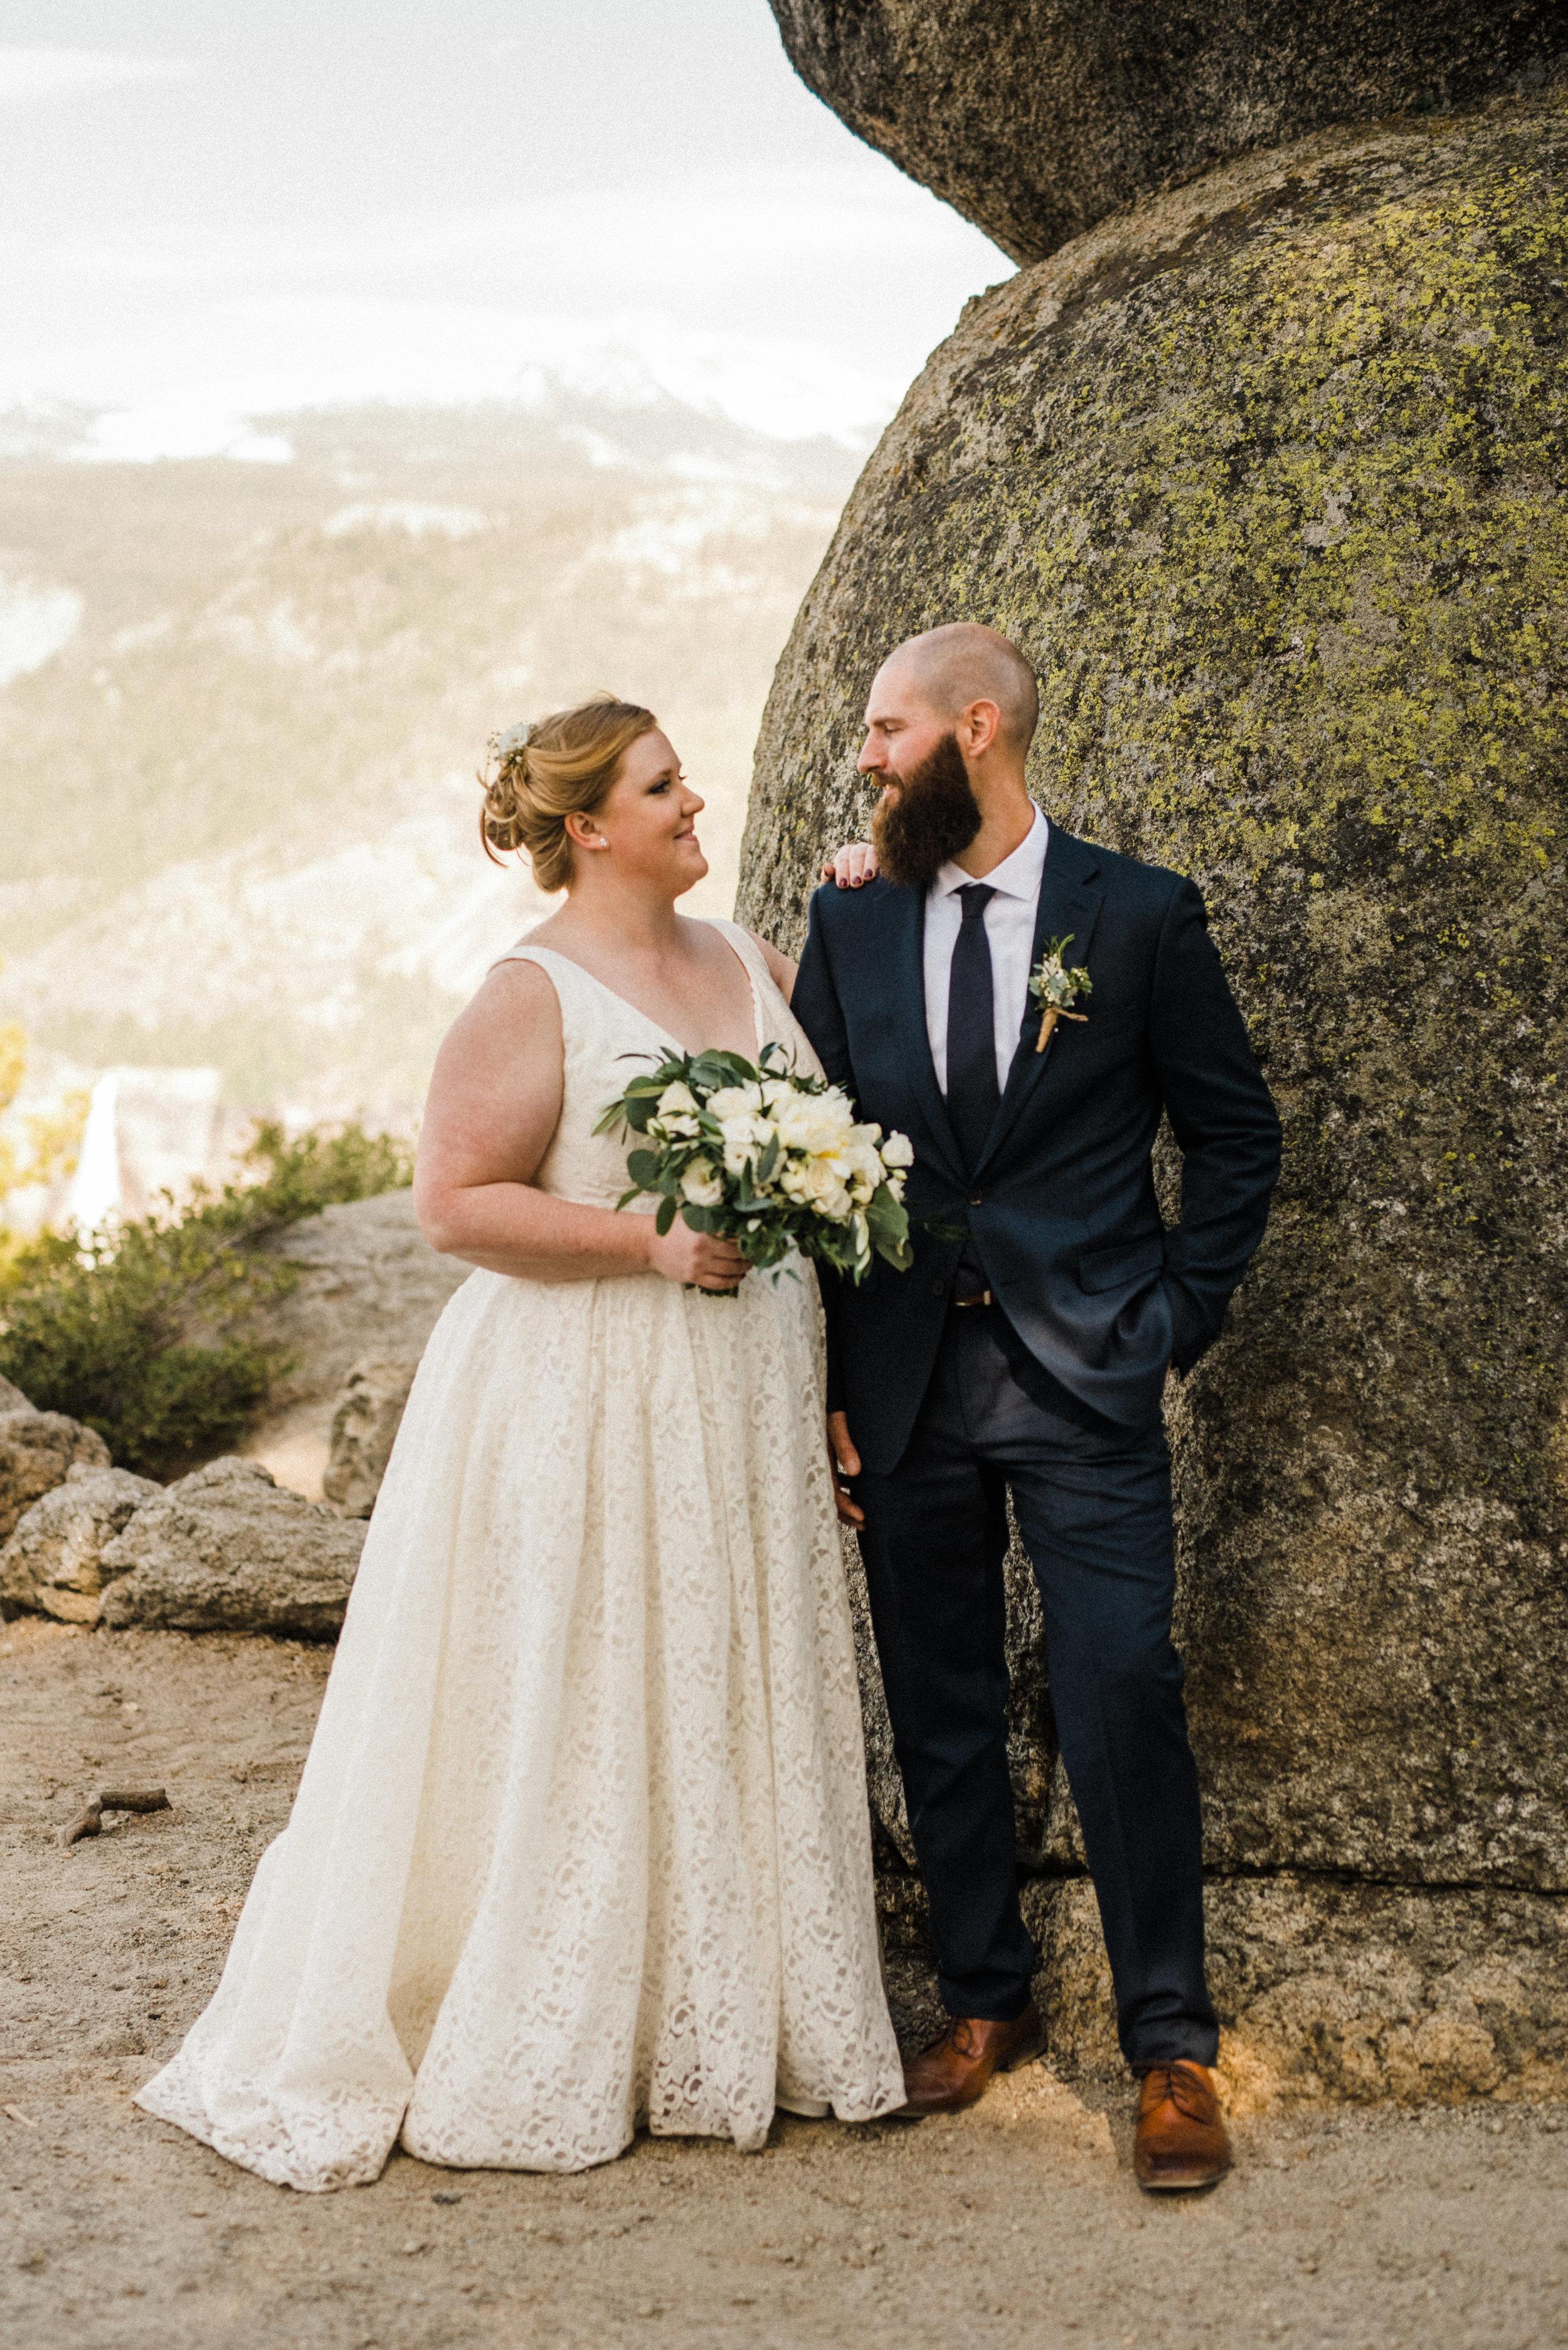 Glacier Point Yosemite Wedding with adventurous Bride and Groom